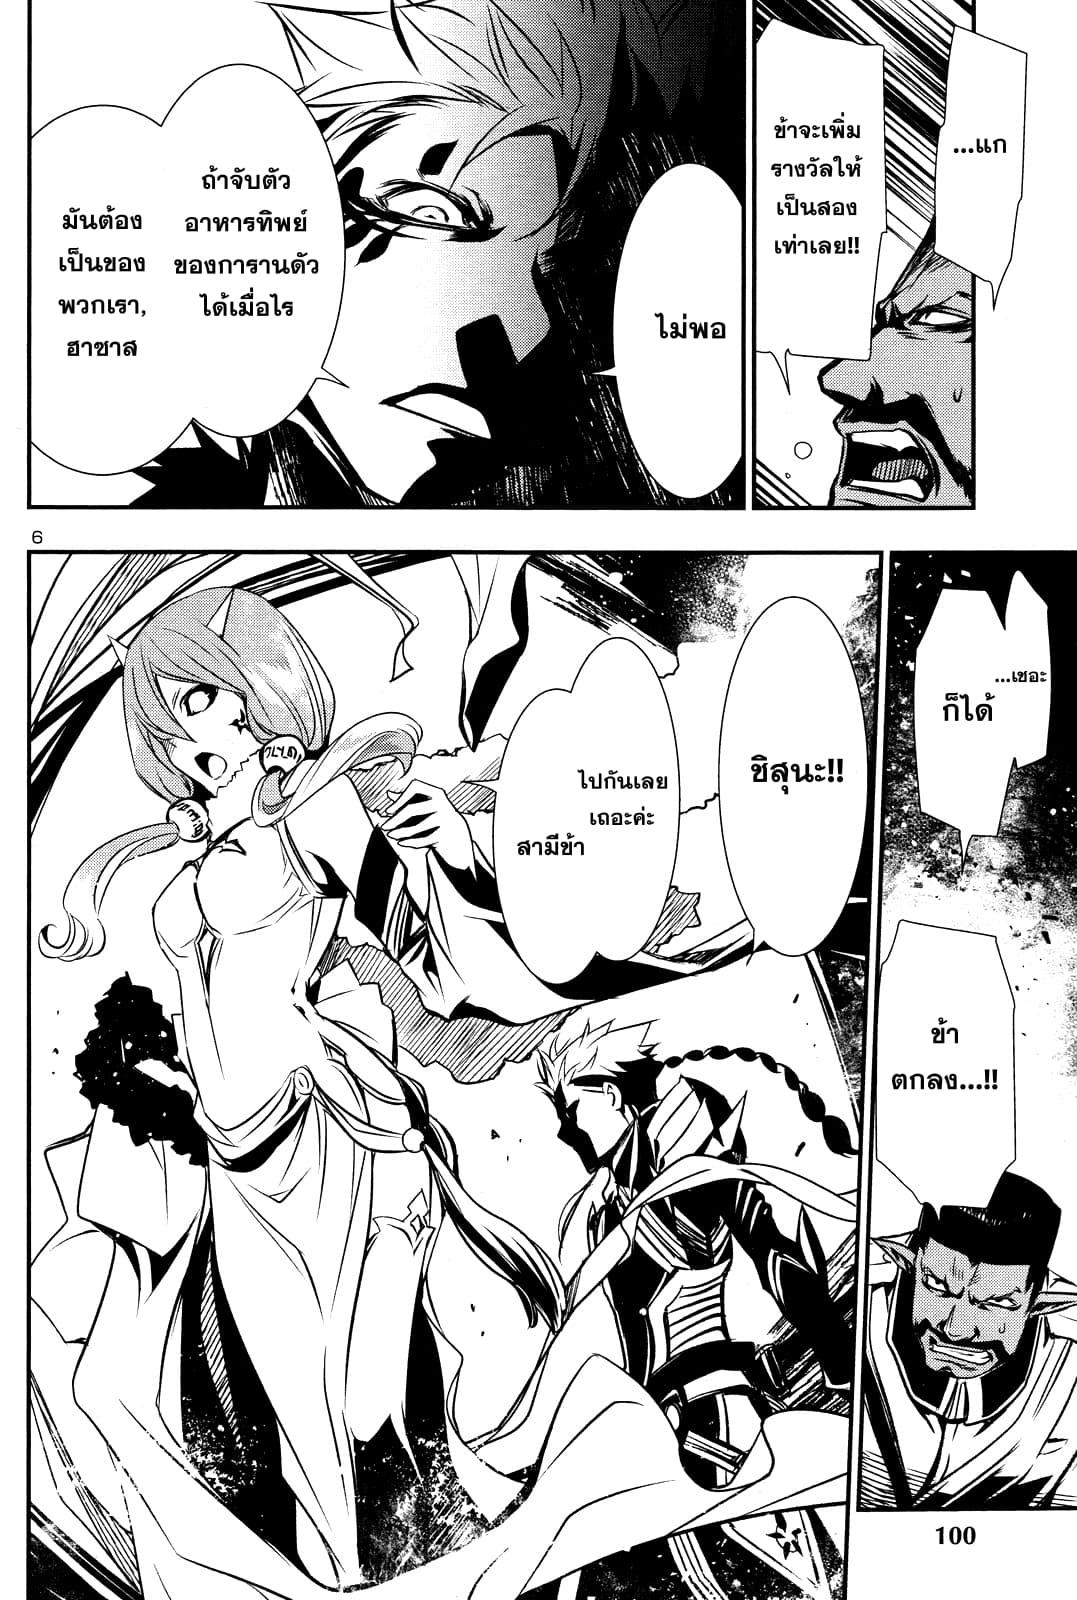 อ่านการ์ตูน Shinju no Nectar ตอนที่ 12 หน้าที่ 6